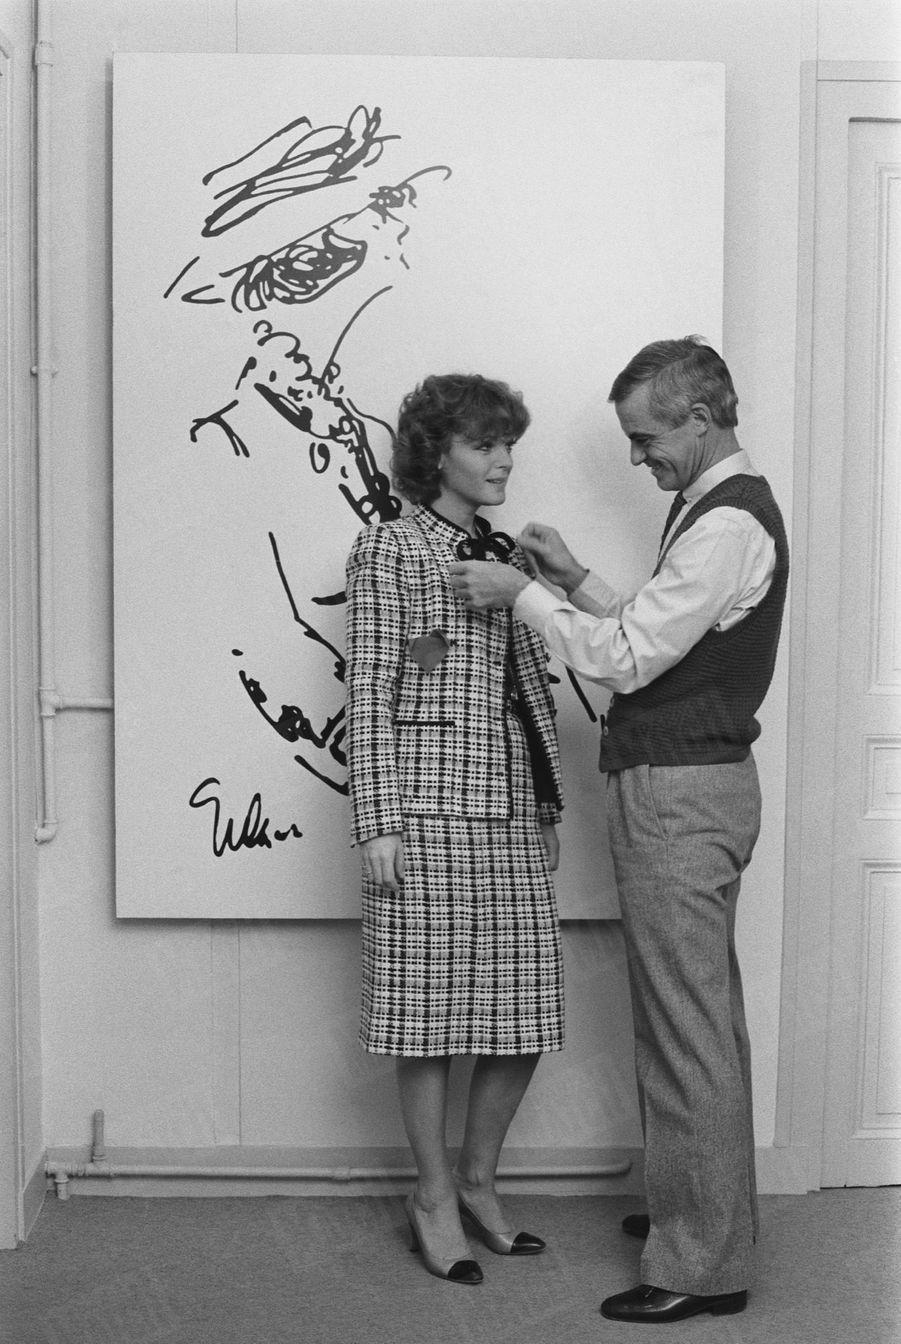 « Romy a retrouvé, le temps d'une photo, l'appartement de Chanel. La terrible et séduisante Mademoiselle avait, la première, deviné la fulgurante carrière de la jeune comédienne. Romy est aujourd'hui entièrement habillée par Philippe Guibourgé, créateur du prêt-à-porter Chanel. » - Paris Match n°1601, 1er février 1980.